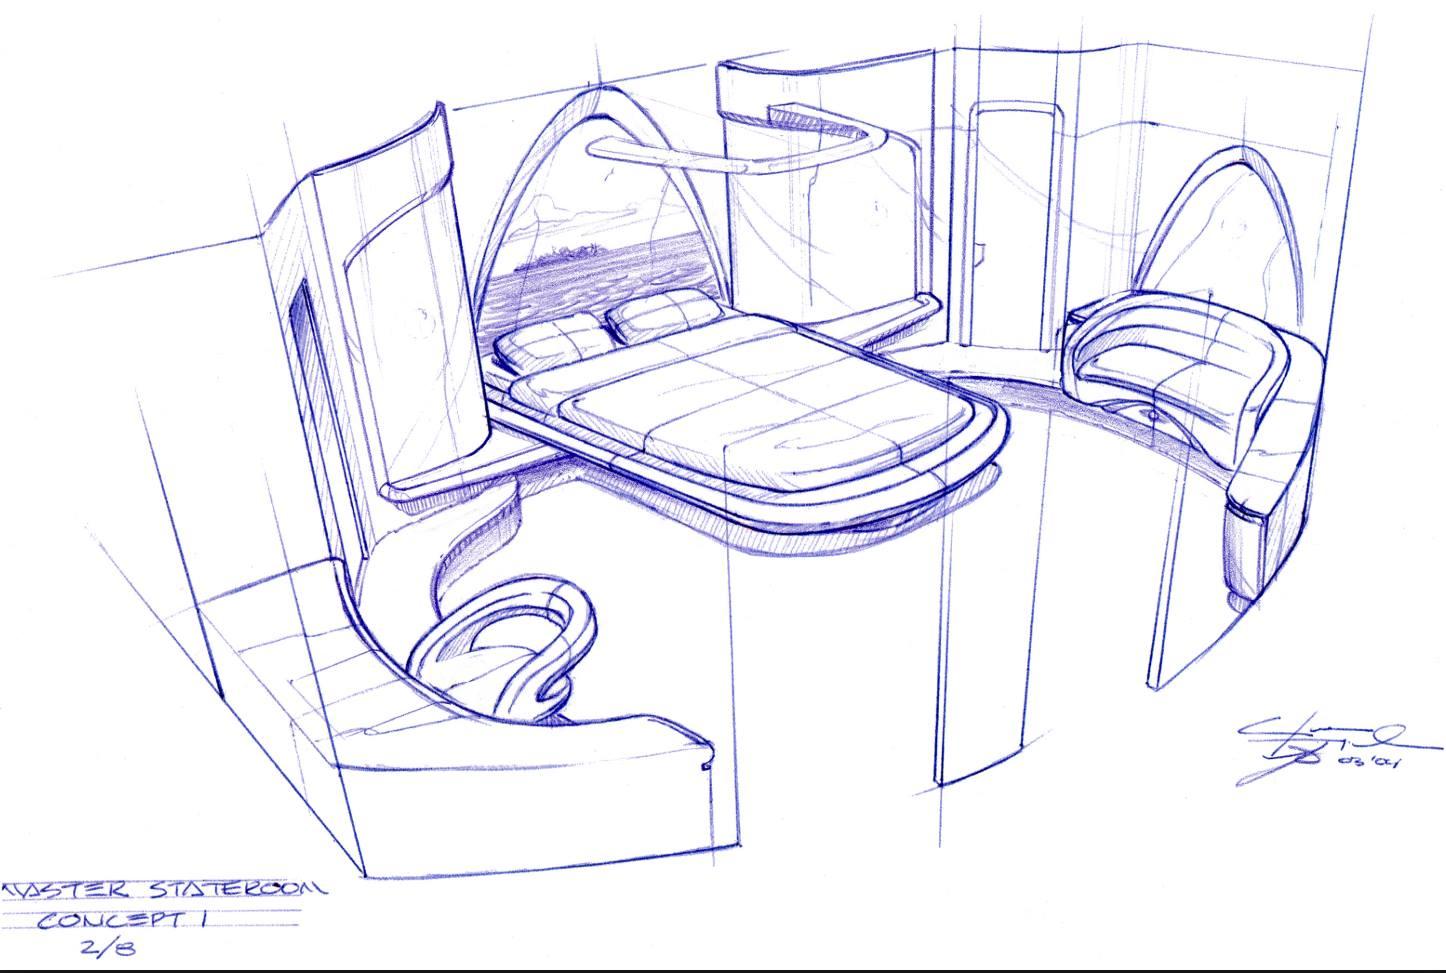 Dịch vụ Thiết kế theo ý tưởng - Concept Design Service Viet Nam. Concept Design (Tạm dịch: Thiết kế ý tưởng) hay còn gọi là Concept Art, là bước đầu tiên ...